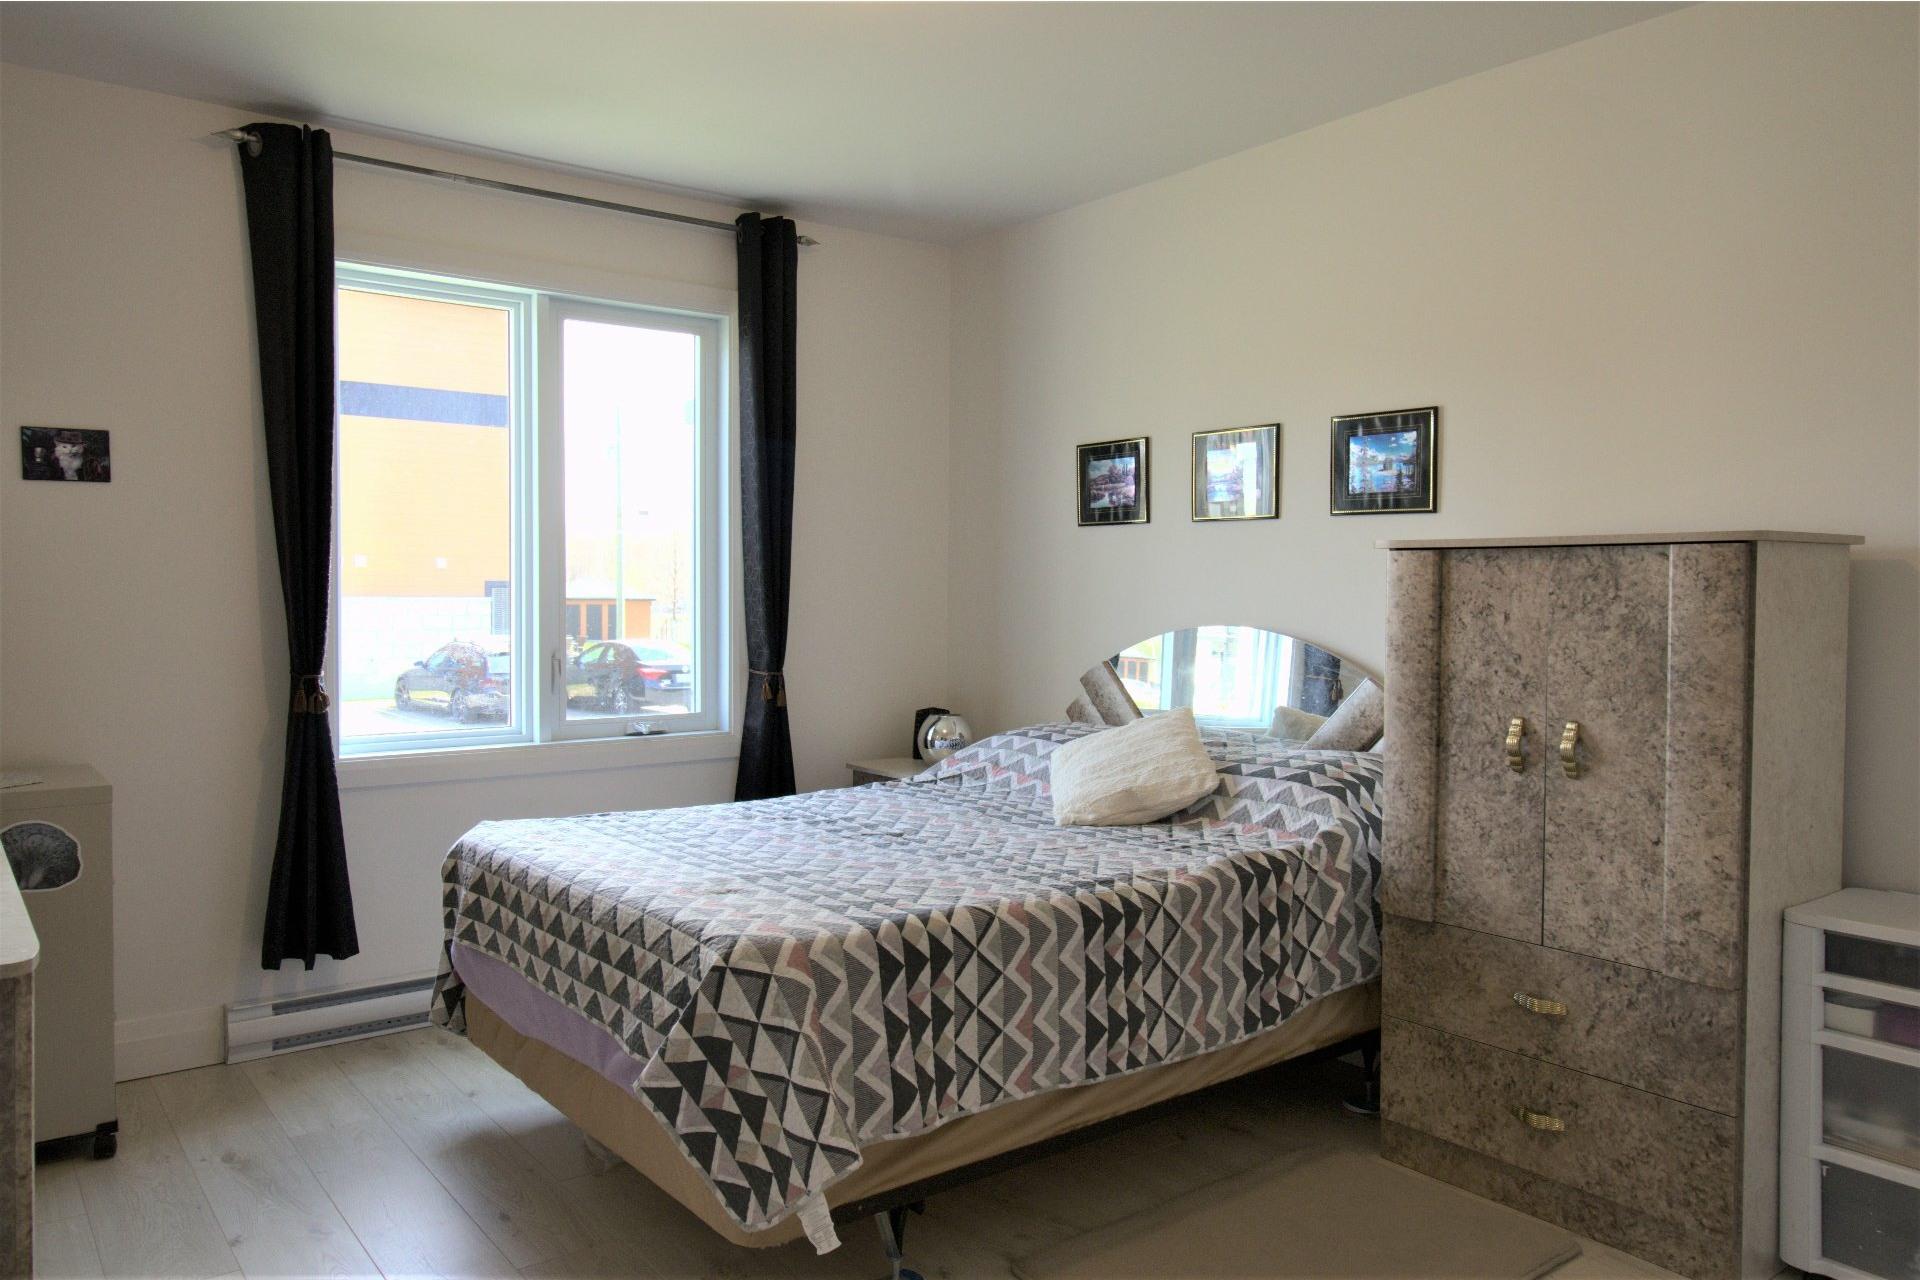 image 8 - Appartement À vendre Trois-Rivières - 5 pièces